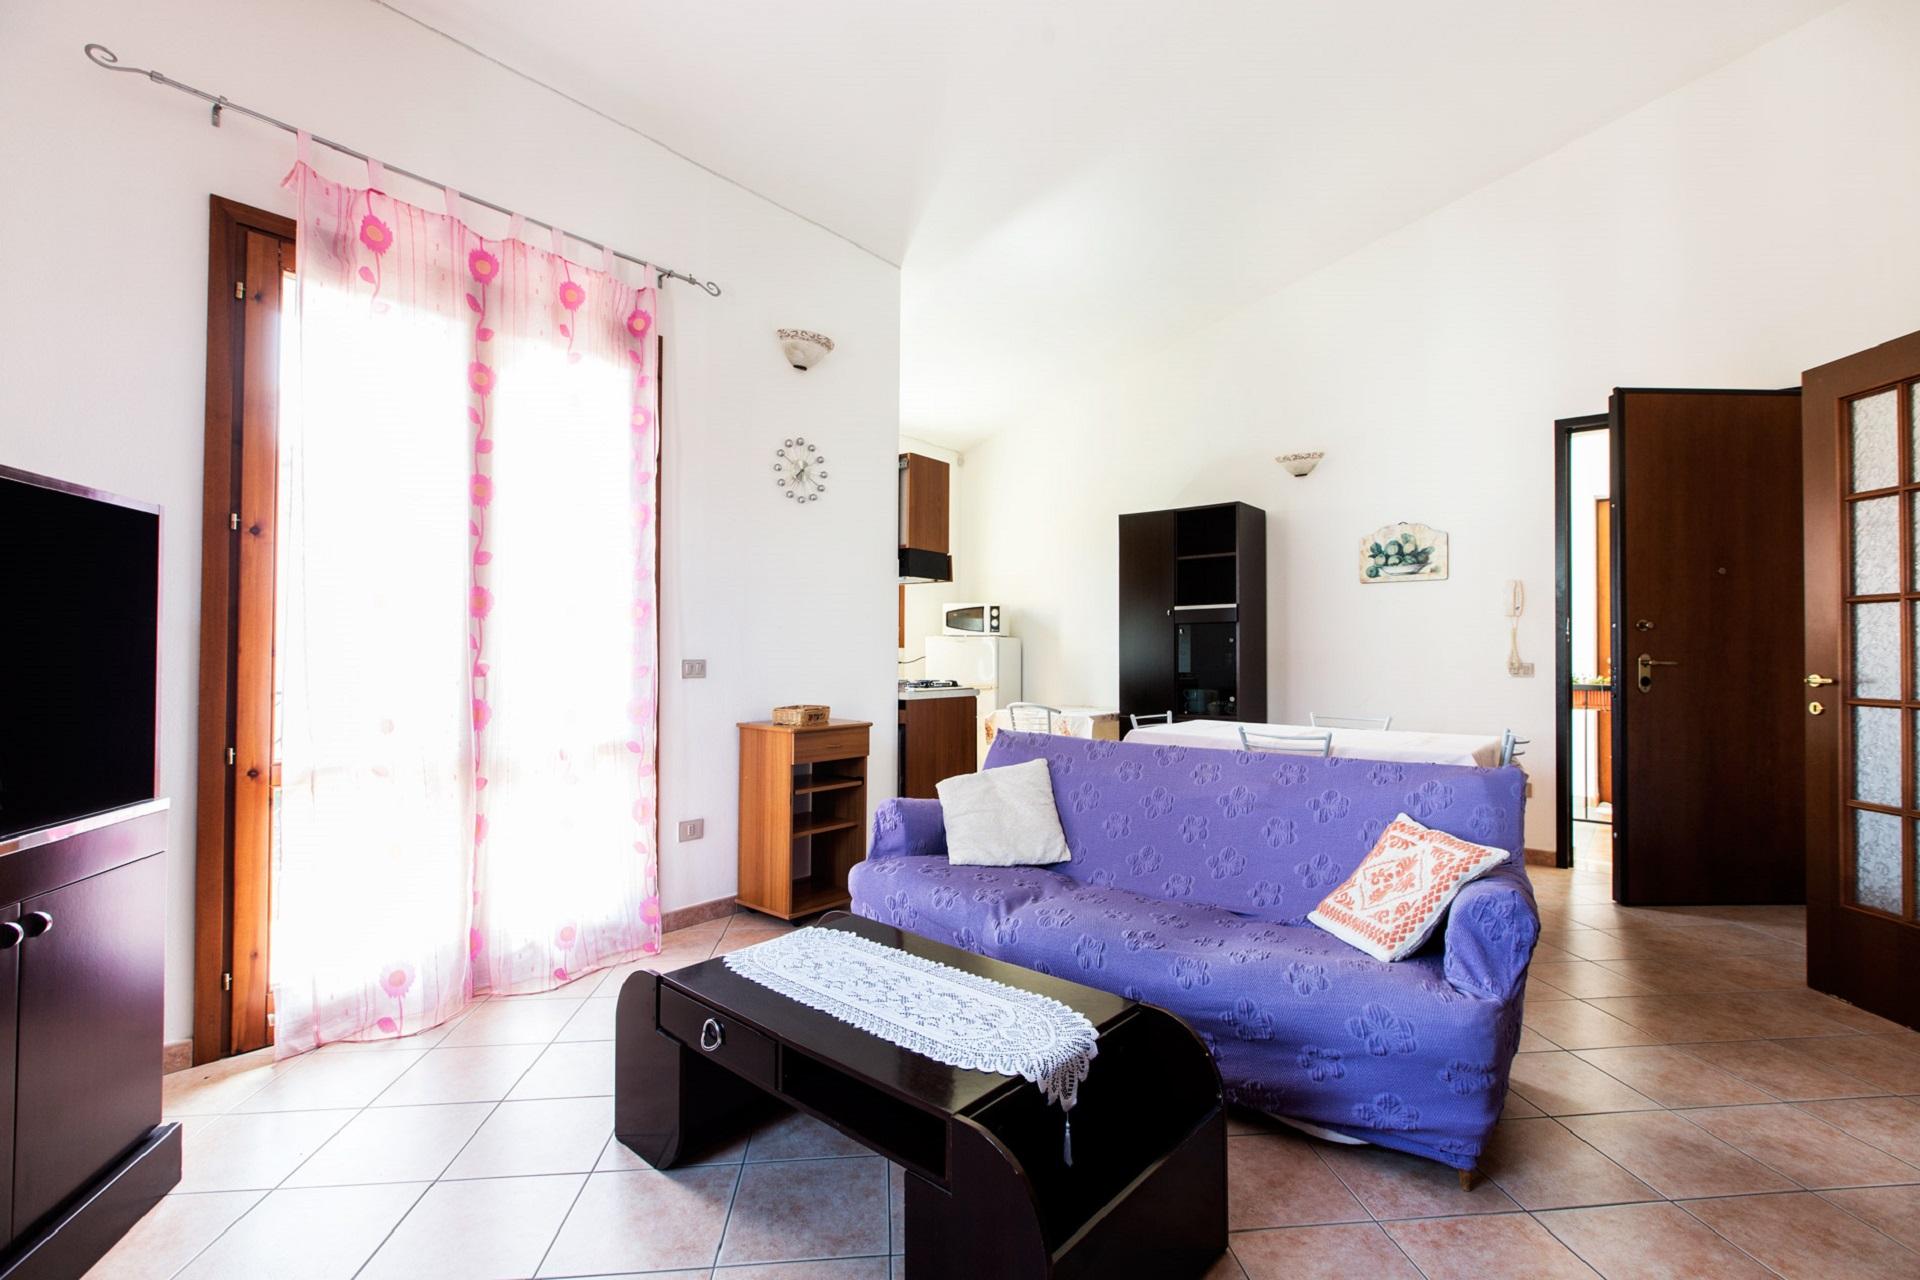 Appartement vacances Aurora 2 Centre ville Pula Sardaigne